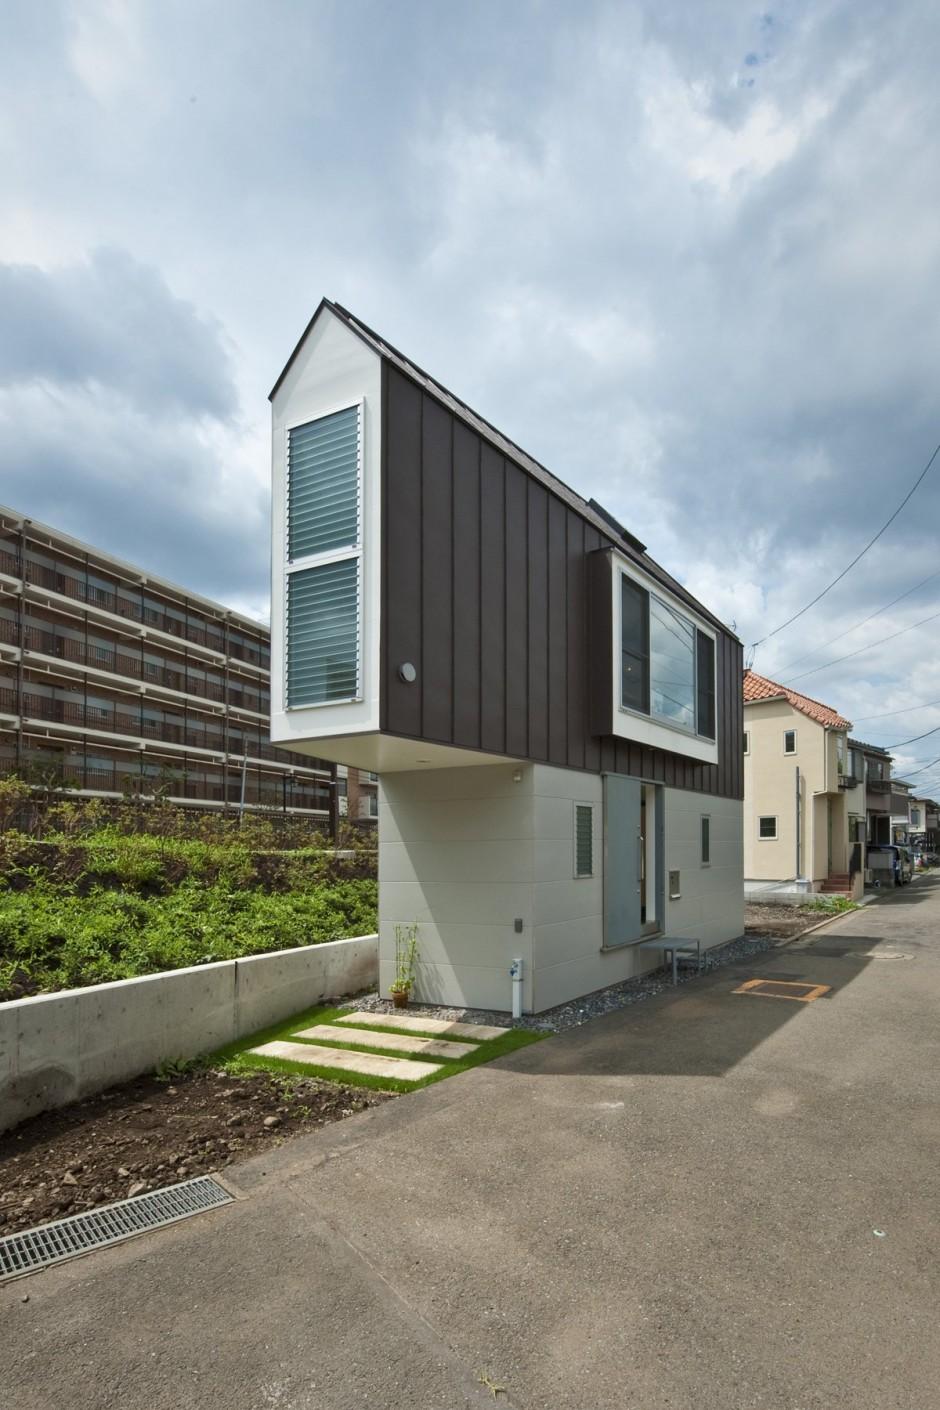 Міська архітектура: крихітний будинок площею 29 квадратних метрів (ФОТО)